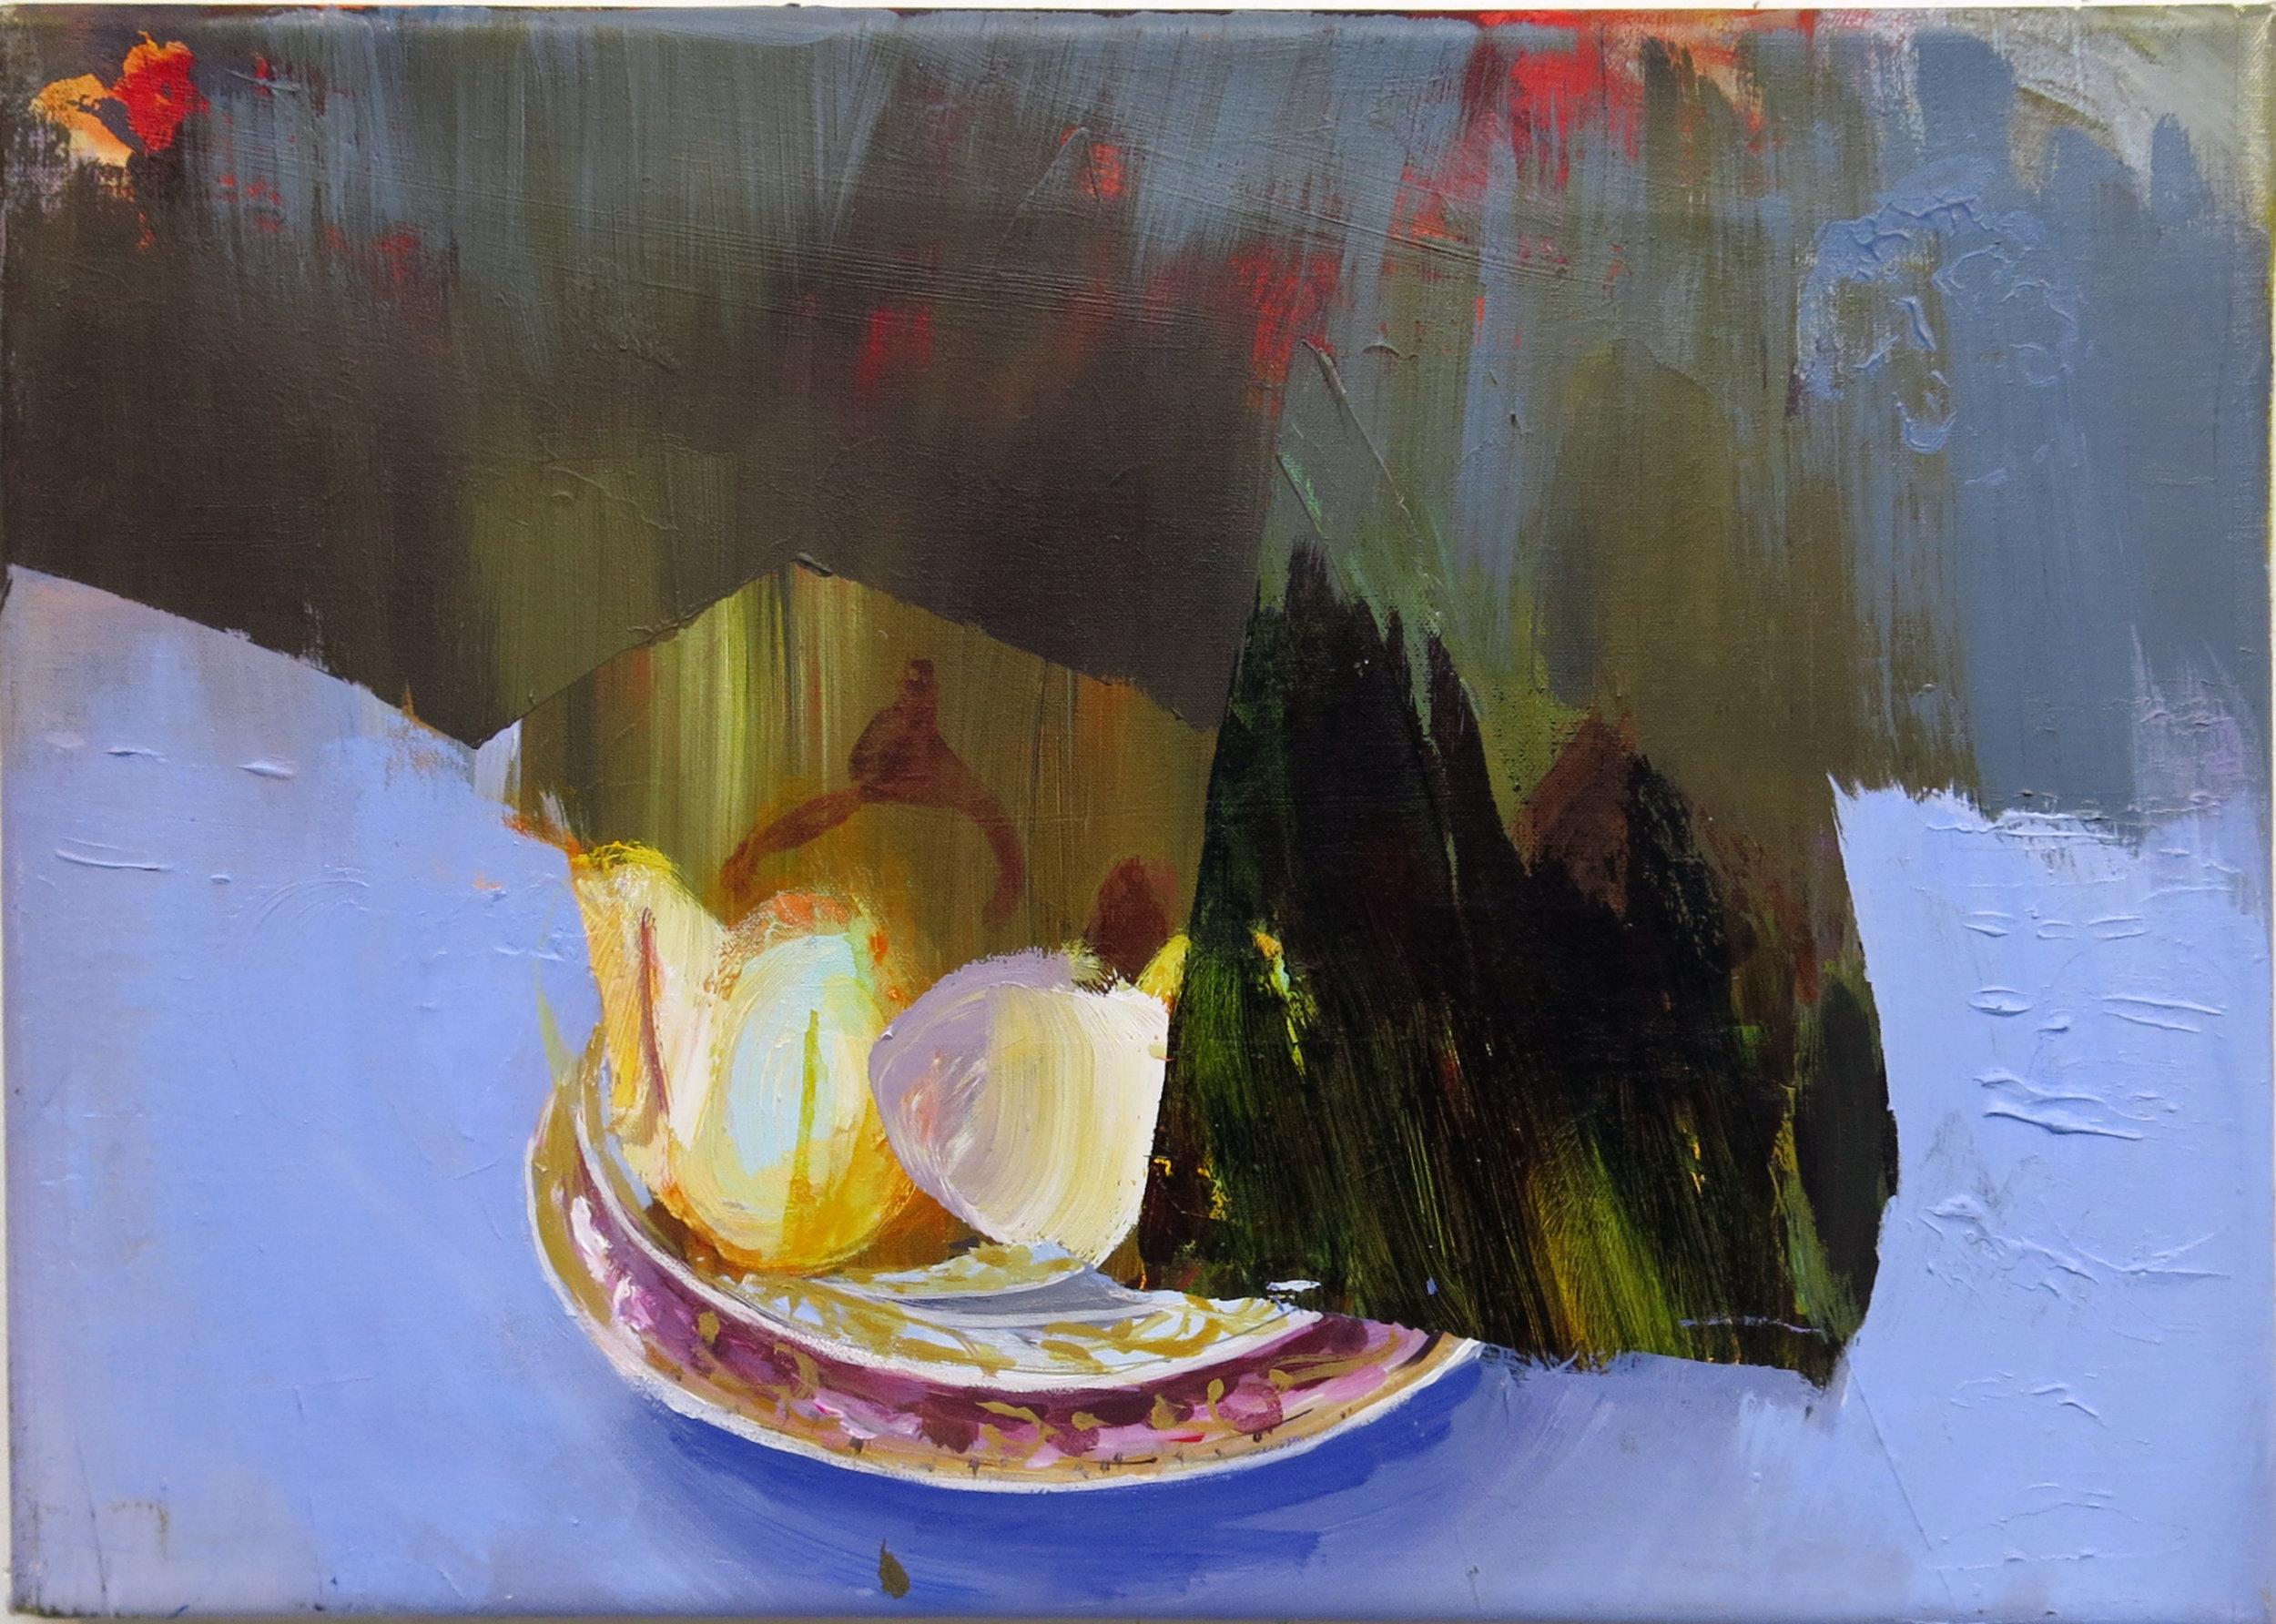 Judith Simonian, Fruit On Blue Table, 2013, acrylic on canvas, 11h x 15.75w in.